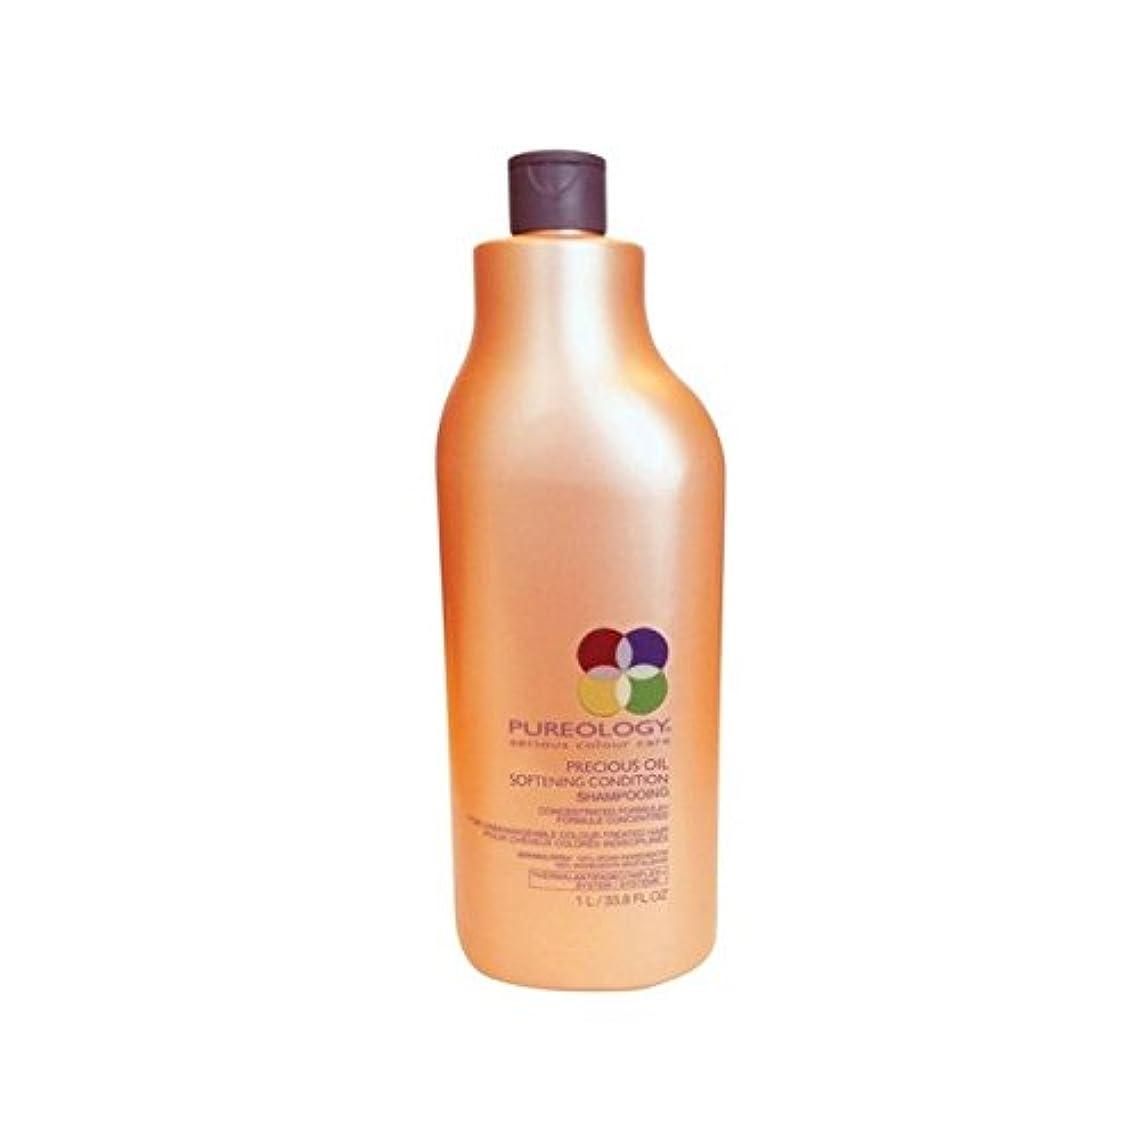 発掘ハウジング理論的Pureology Precious Oil Conditioner (1000ml) (Pack of 6) - 貴重なオイルコンディショナー(千ミリリットル) x6 [並行輸入品]